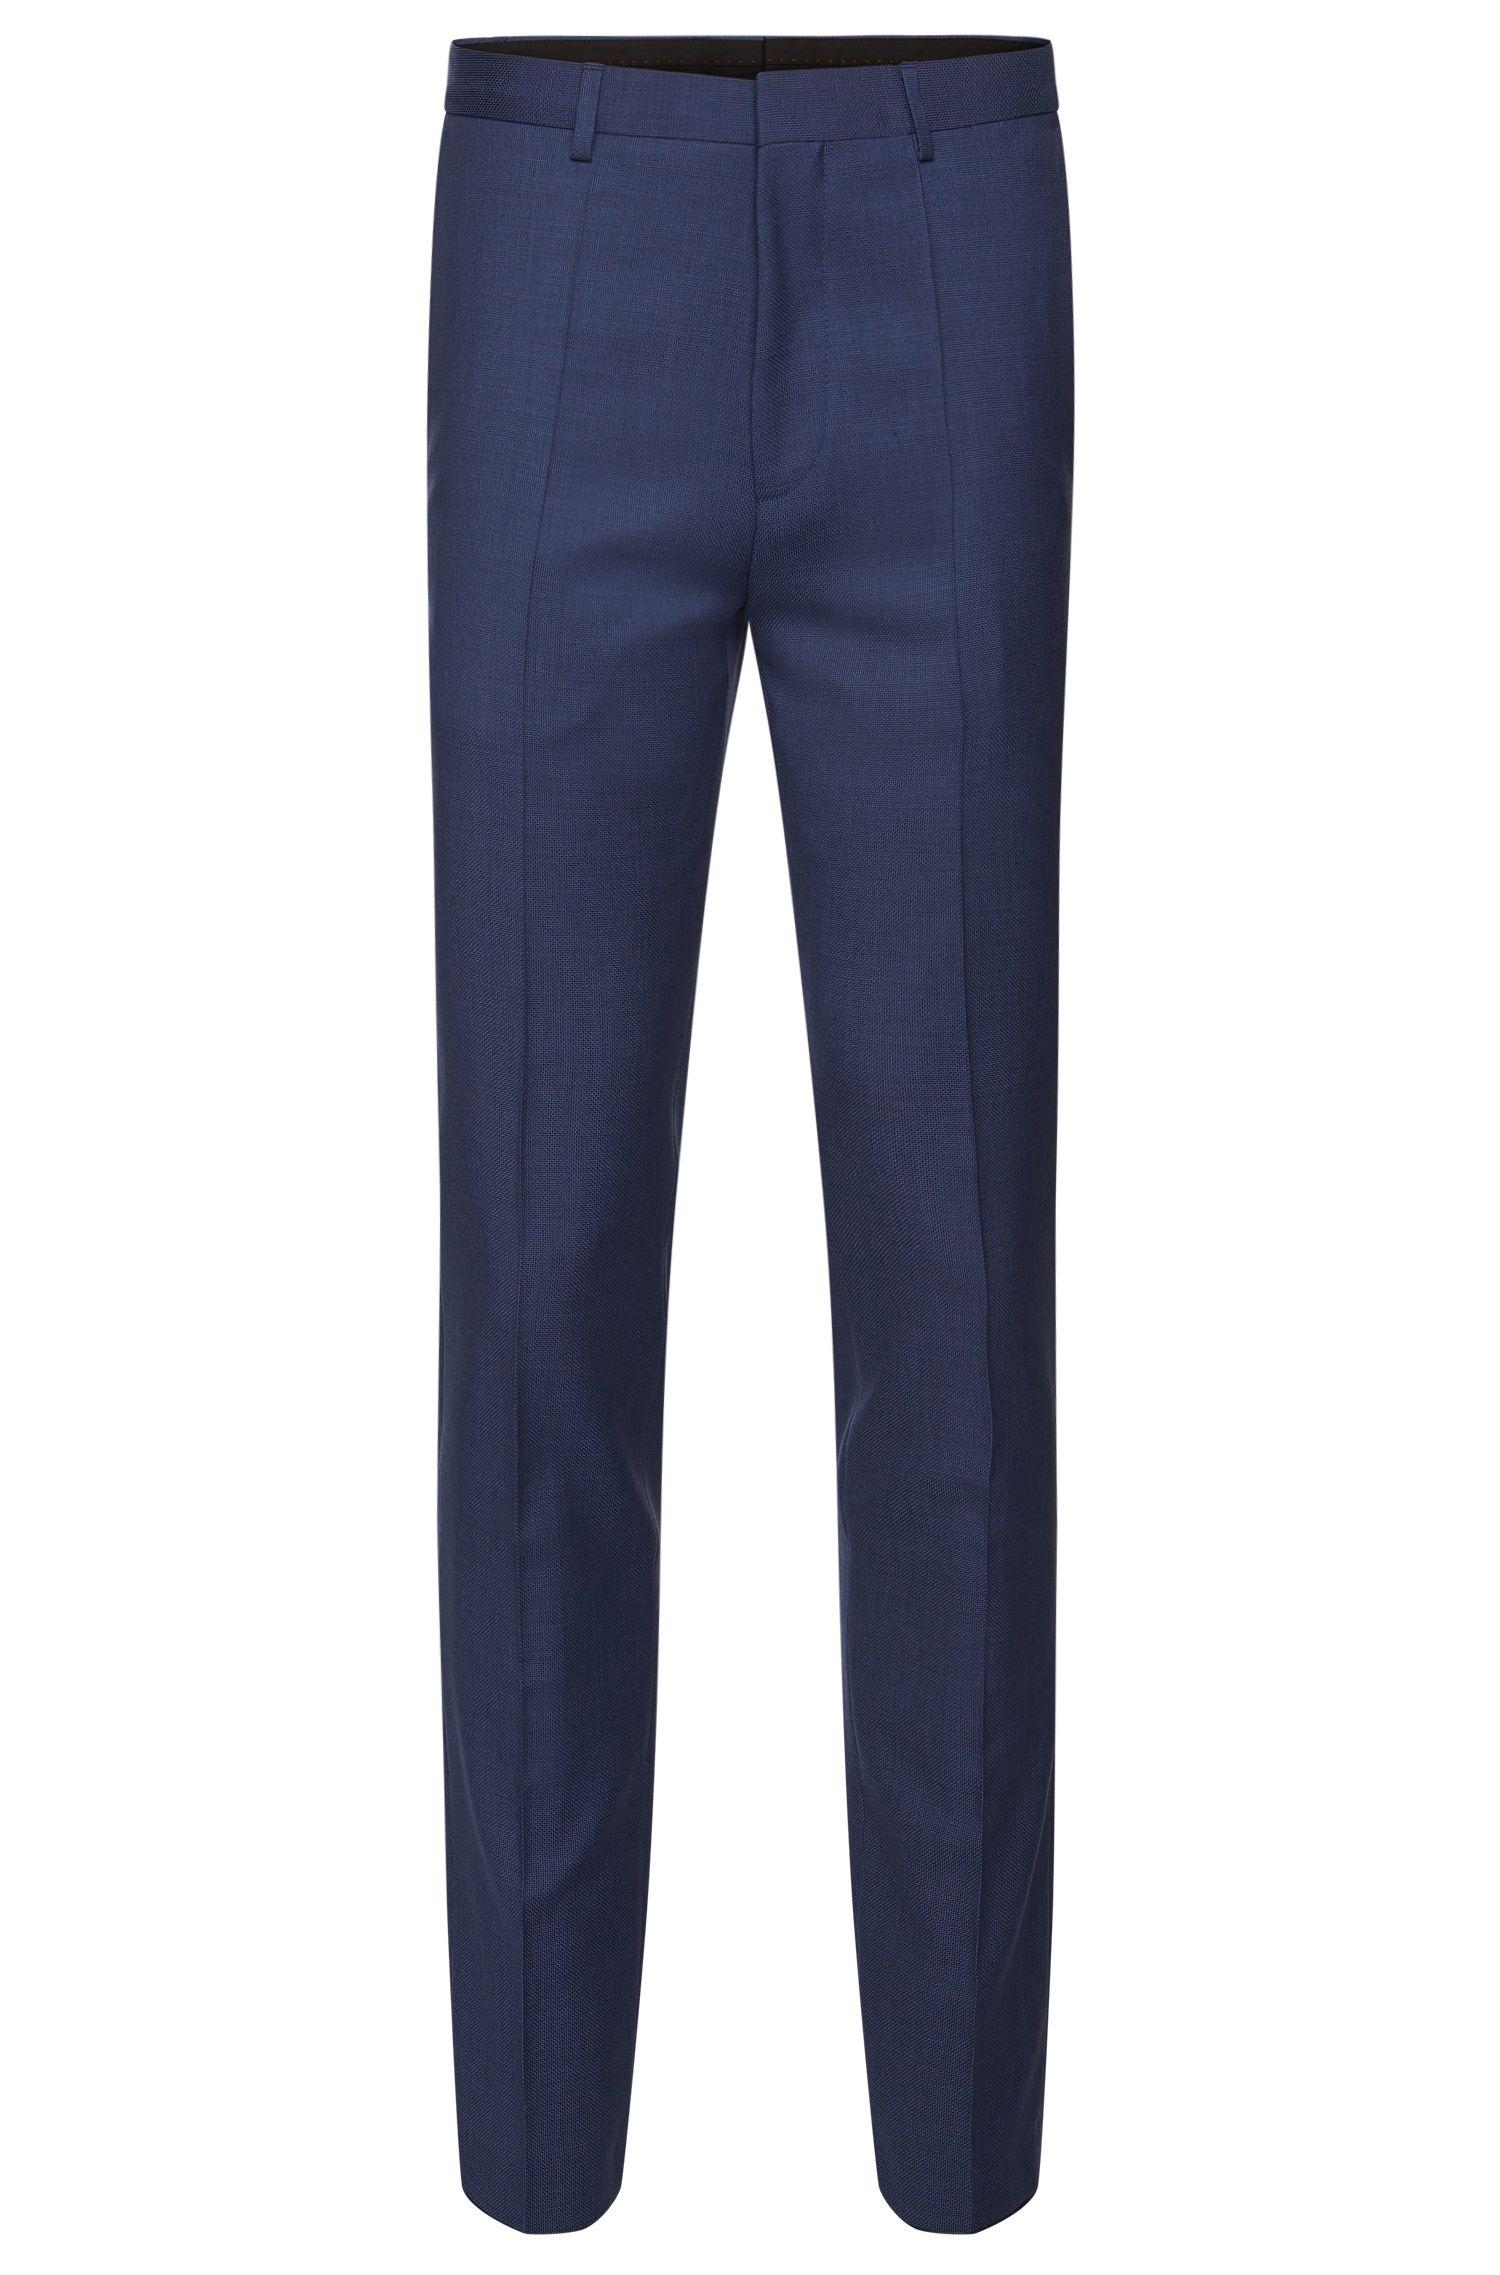 Extra Slim-Fit Hose aus fein strukturierter Schurwolle: 'HerioS'